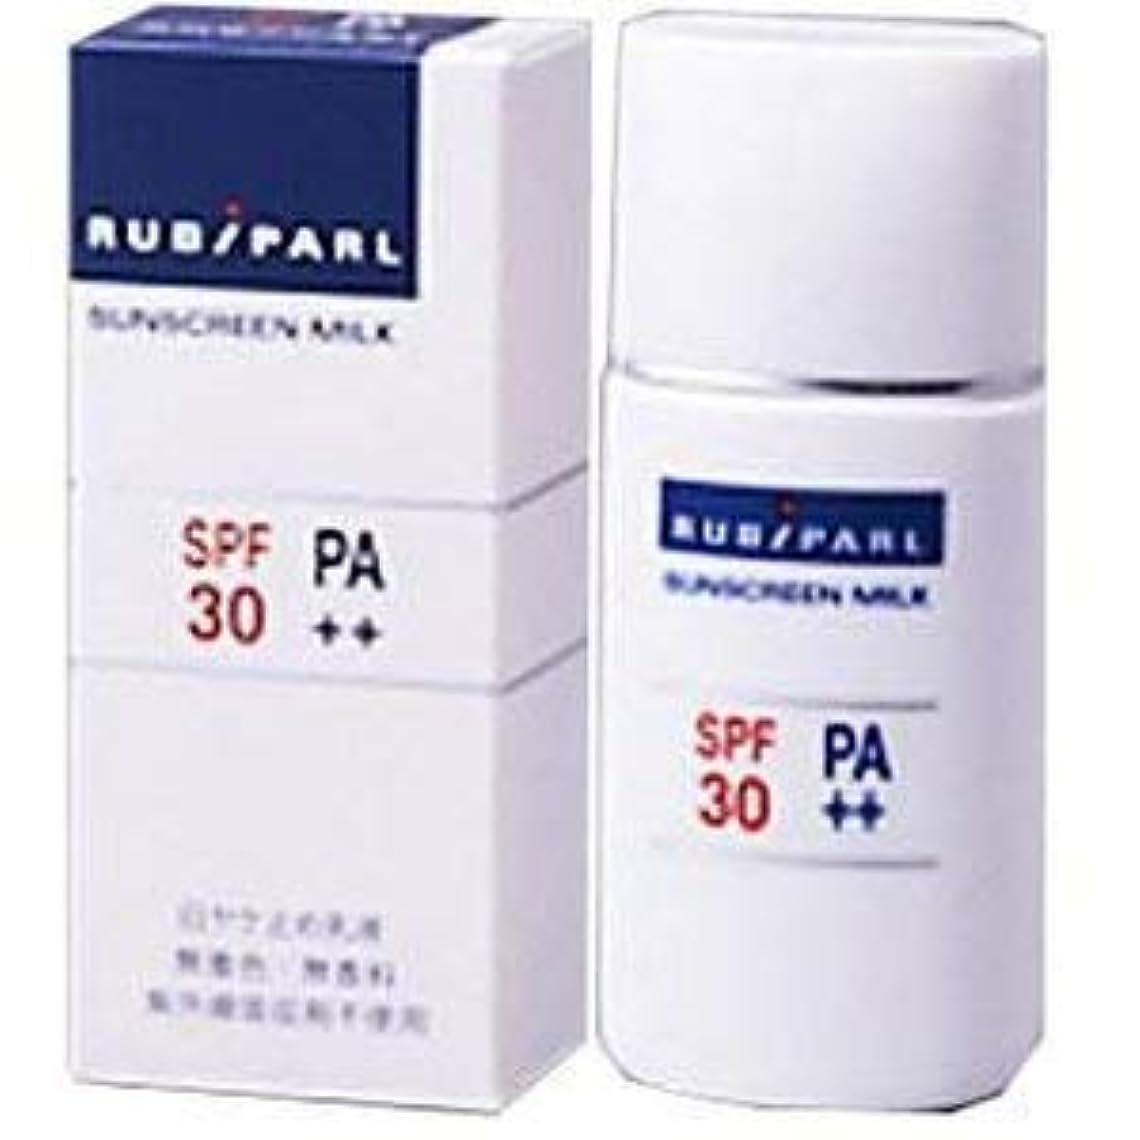 シンポジウム決定おじさんルビパール サンスクリーンミルク 日ヤケ止め乳液 SPF30 PA++ 30mLx3個セット